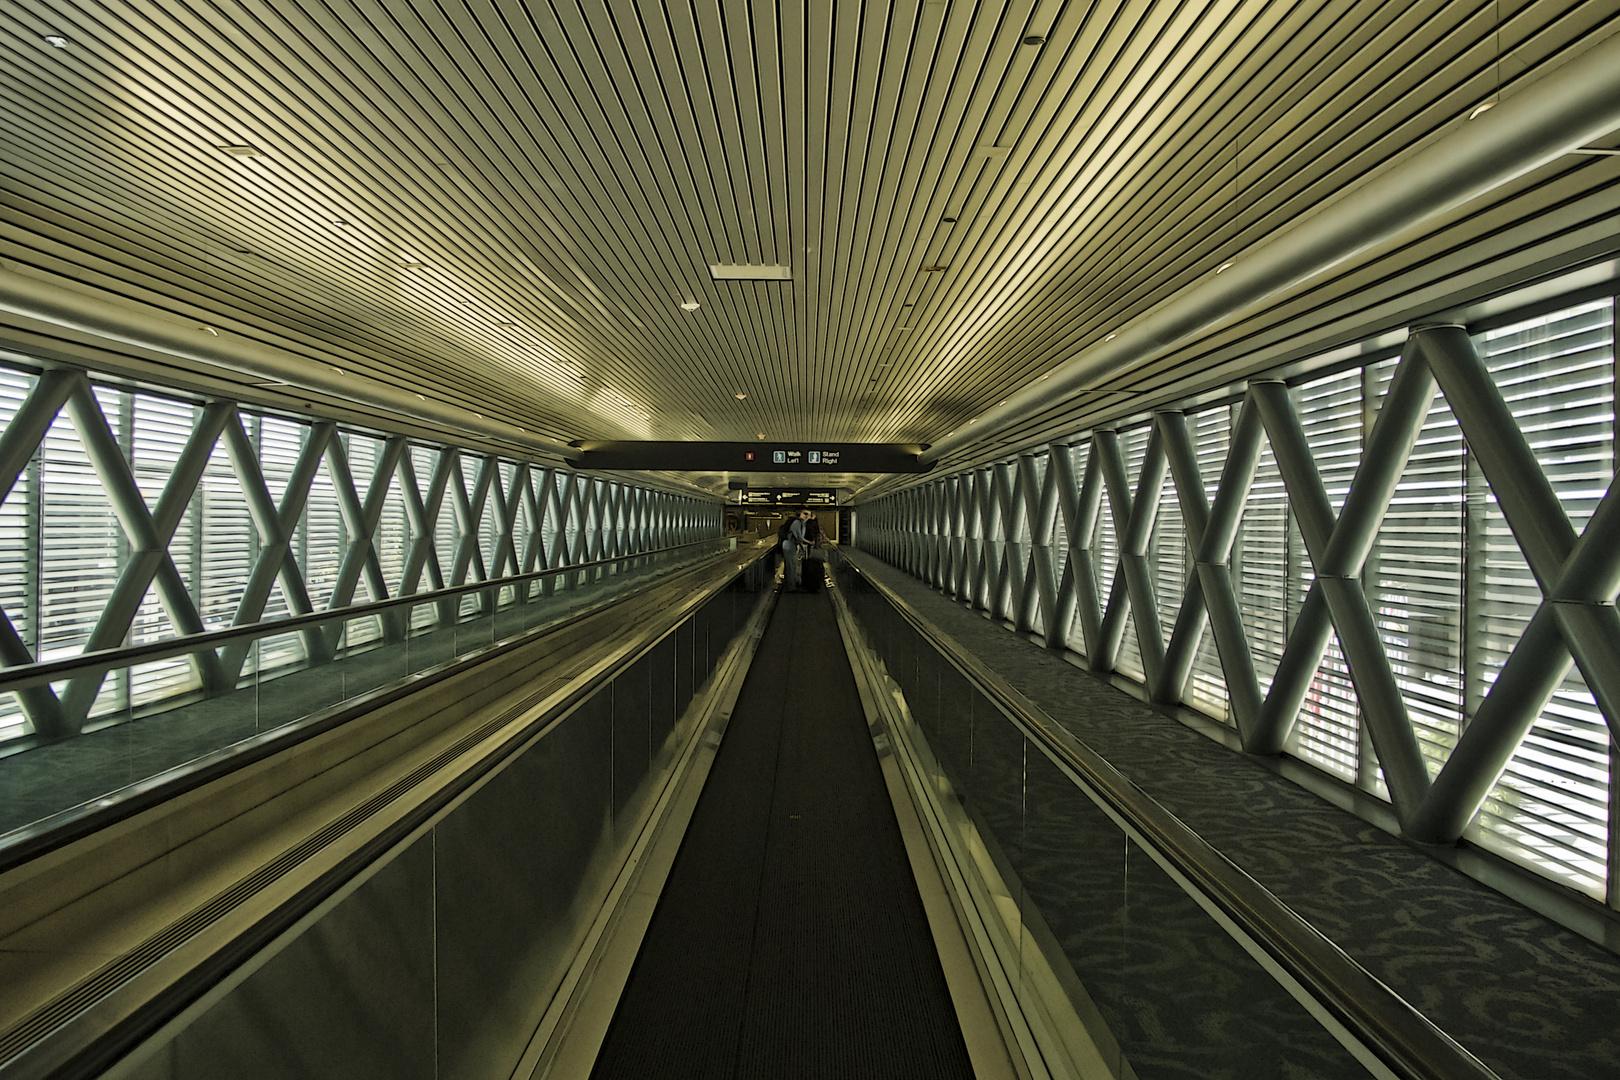 MIA - Miami International Airport